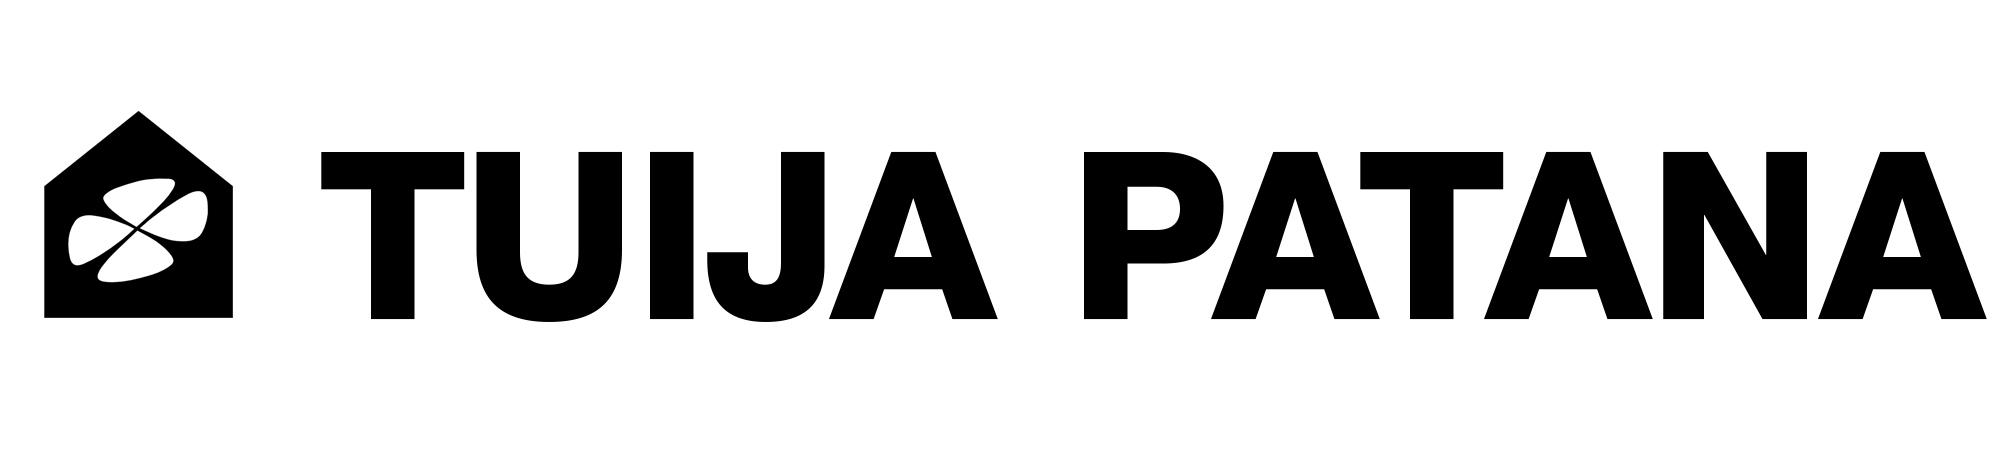 Tuija Patana